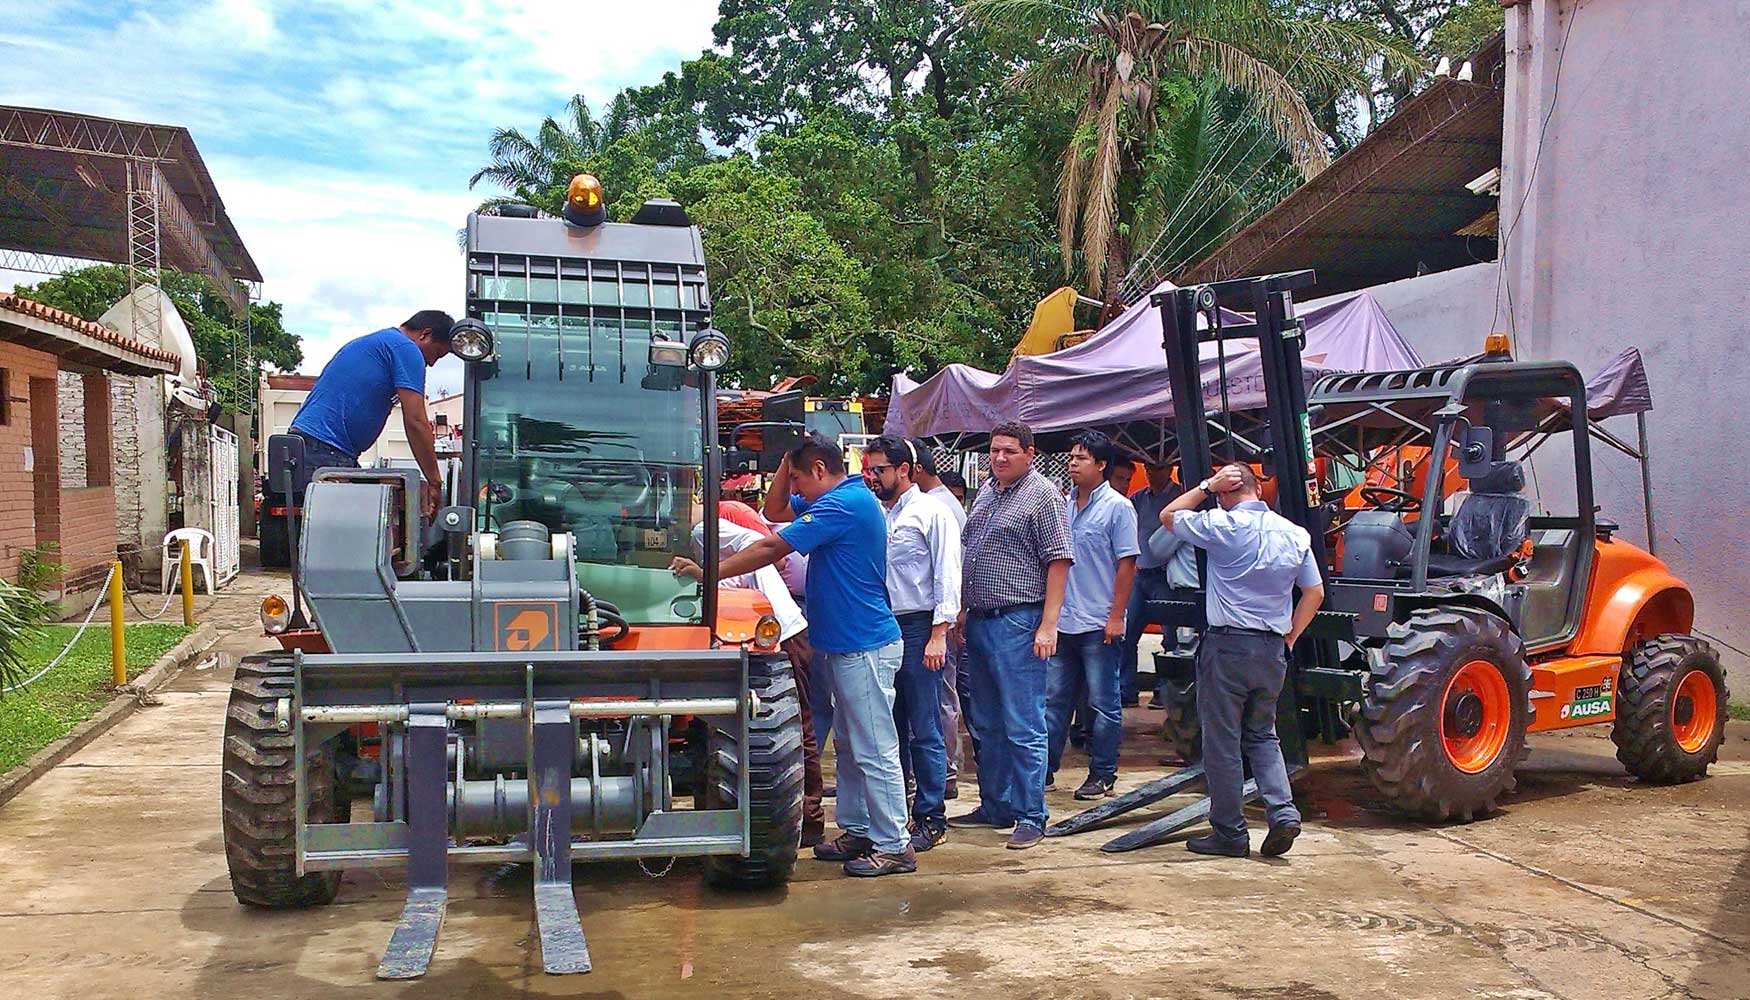 Ausa imparte una jornada de formaci n en bolivia jardiner a for Formacion jardineria